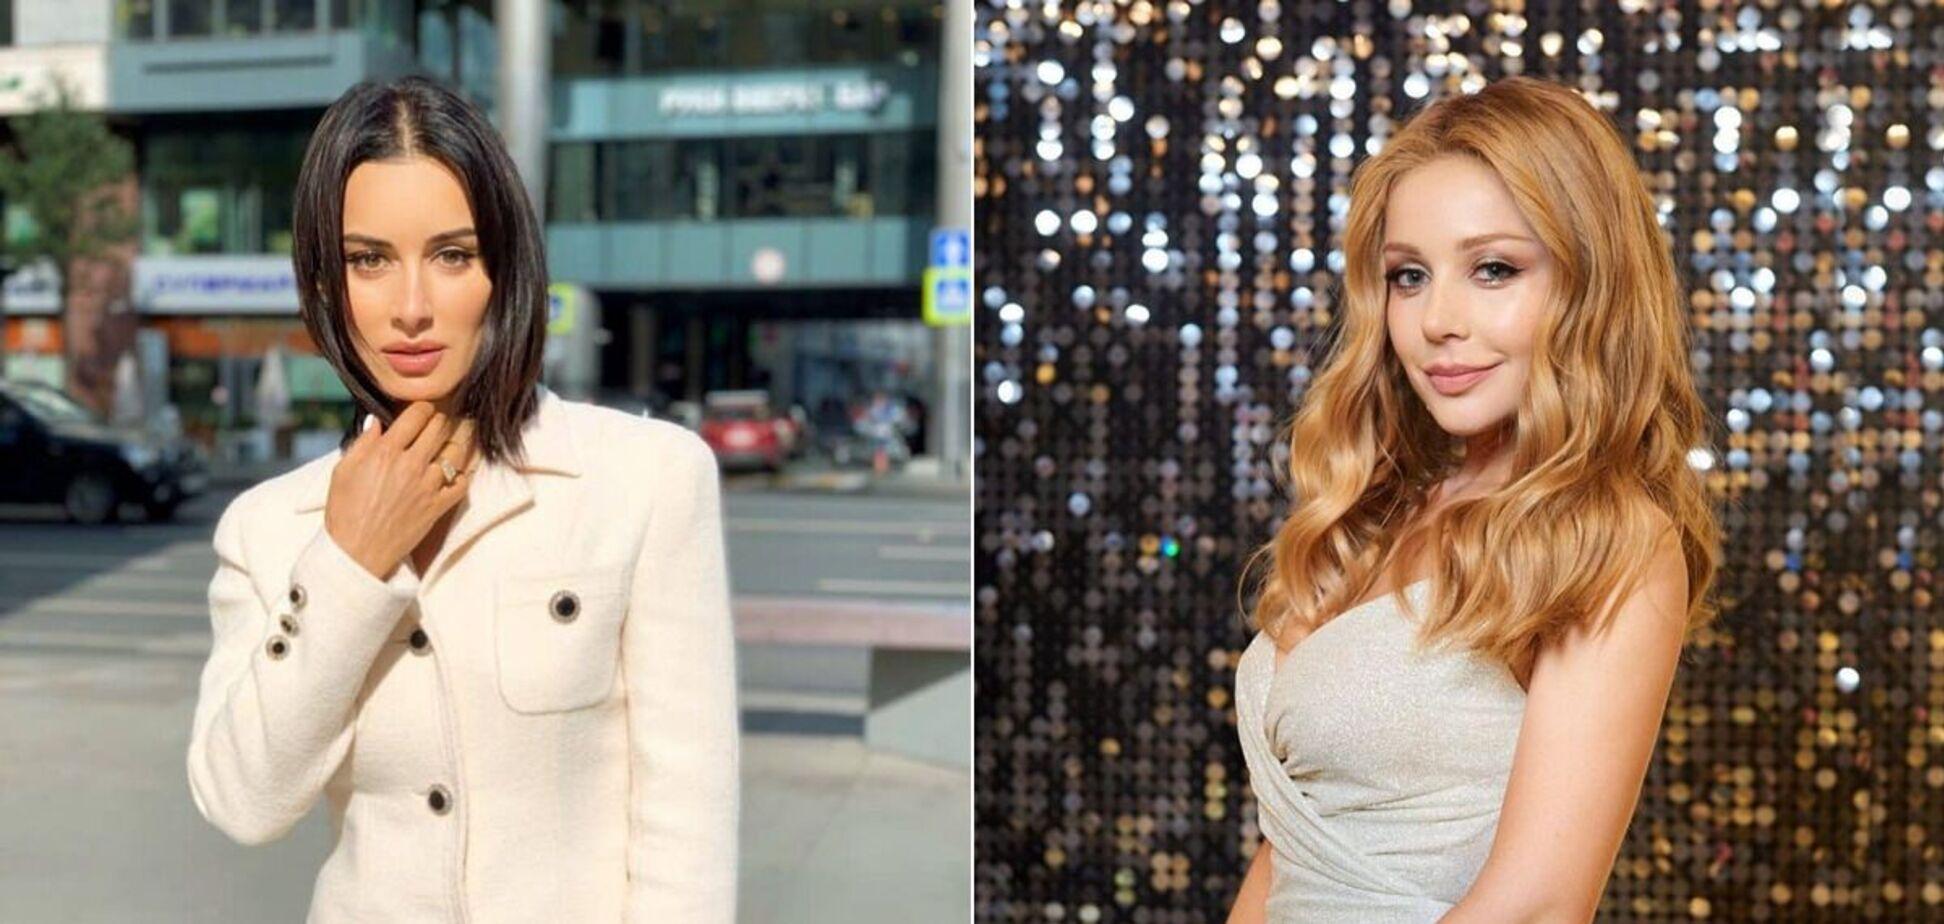 Тина Кароль и Тина Канделаки появились на публике в одинаковых платьях: сколько стоит наряд